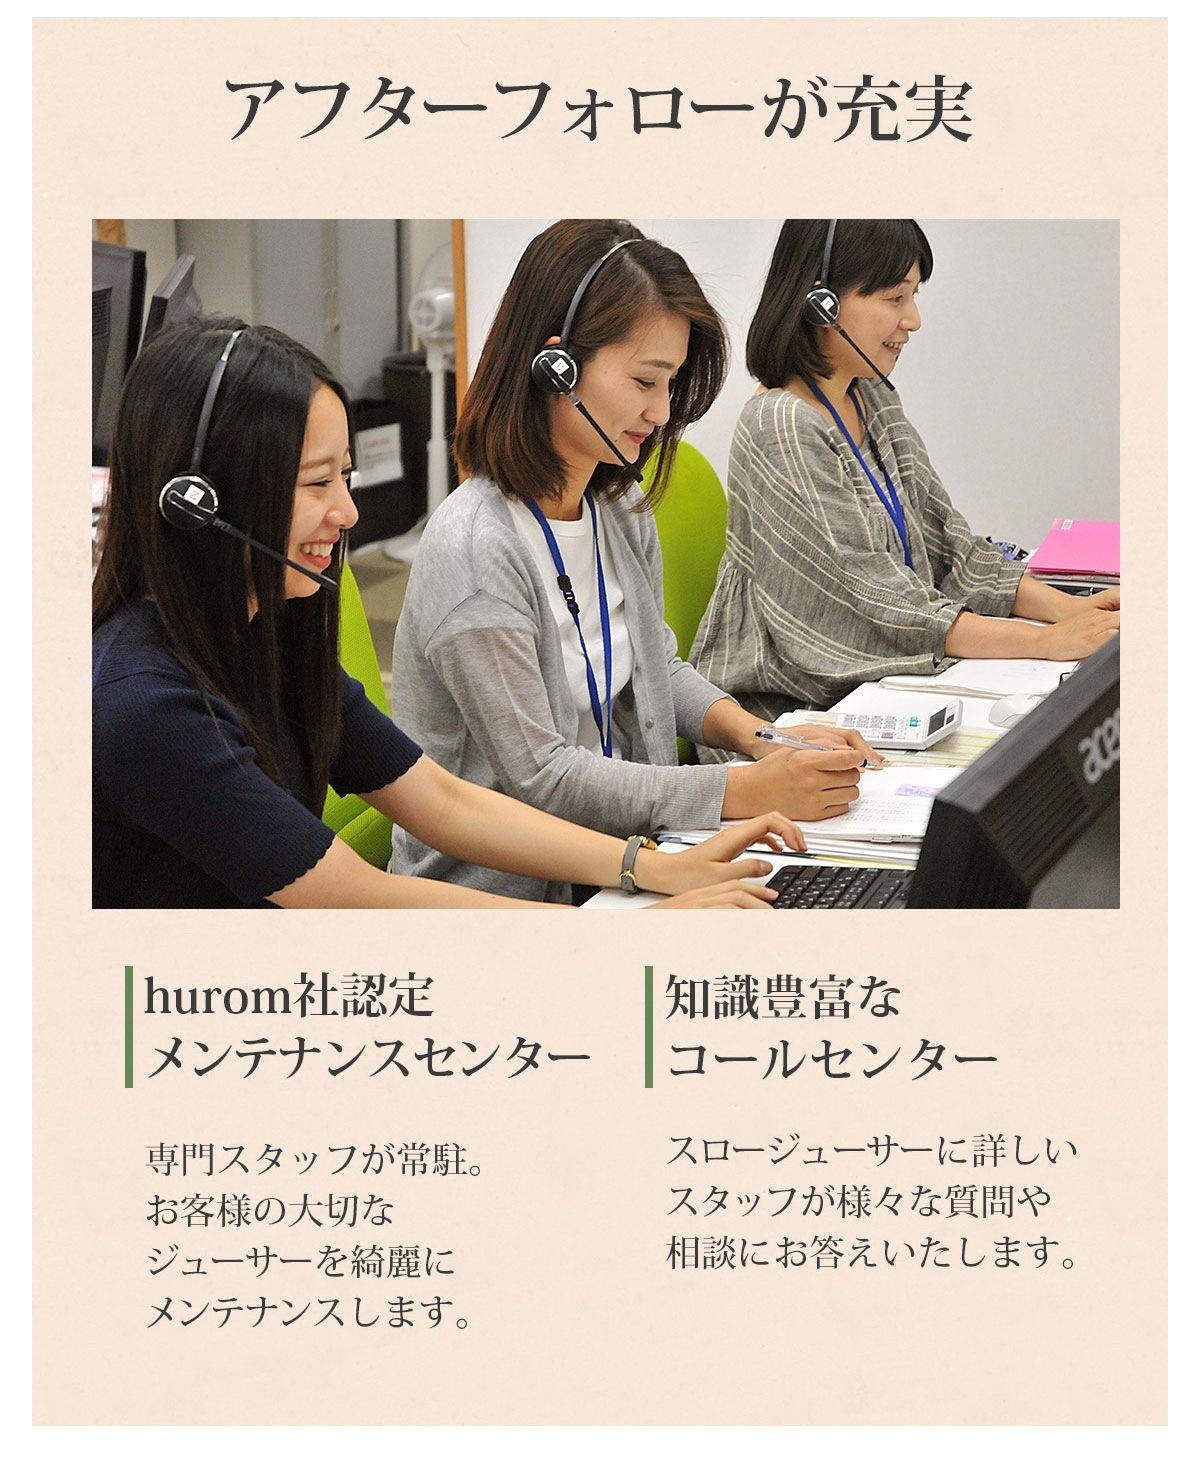 ・hurom社認定メンテナンスセンター 専門スタッフが常駐。お客様の大切なジューサーを綺麗にメンテナンスします。 ・知識豊富なコールセンター スロージューサーに詳しいスタッフが様々な質問や相談にお答えいたします。